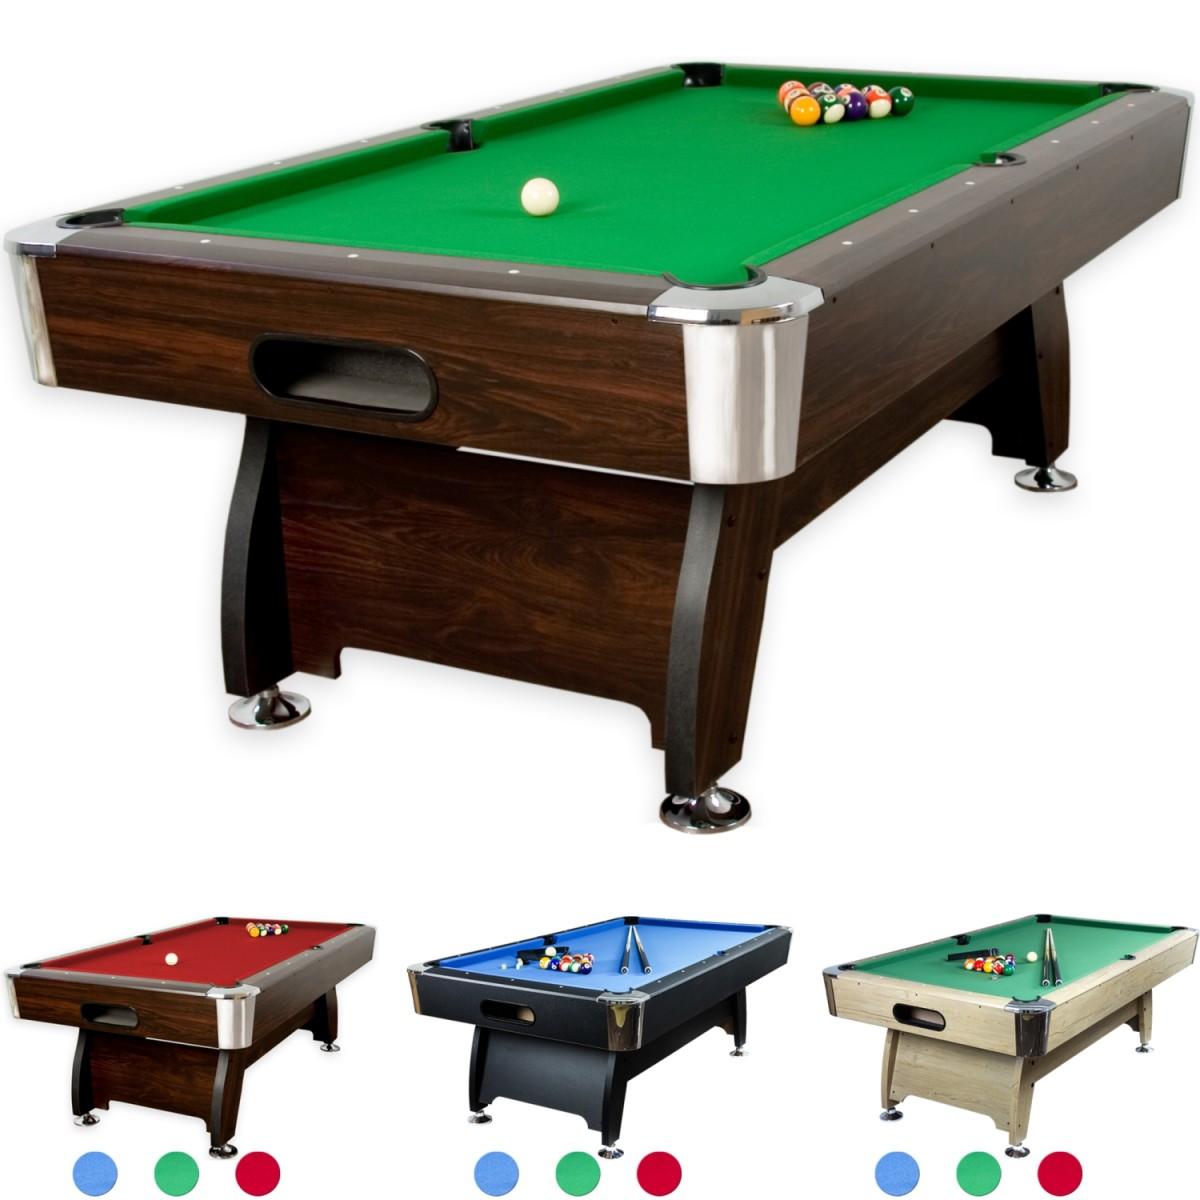 Pool Billardtisch Premium, Korpus in dunklem Holzdekor, Tuchfarbe grün. Mit dem Pool Billardtisch Premium wurden hohe Stabilität und präziser Kugellauf zu einem moderaten Preis realisiert. Ein zentraler Ballrücklauf führt die Kugeln nach vorn, wo diese leicht entnommen werden können. Dank der höhenverstellbaren Füße kann der Tisch ideal ausbalanciert und in die Waage gebracht werden. An den Ecken sorgt der Kantenschutz in Chrom-Optik vor Abplatzern. Pflegeleicht ist nicht nur der Korpus, sondern auch das Billardtuch. Die mitgelieferte Bürste befreit es rasch von Fusseln oder Krümeln. Der Korpus ist komplett vormontiert. Es müssen nur noch die Beine angebracht werden. Im Lieferumfang ist alles enthalten, um sofort mit dem Spiel beginnen zu können! Preis: 347.99 €